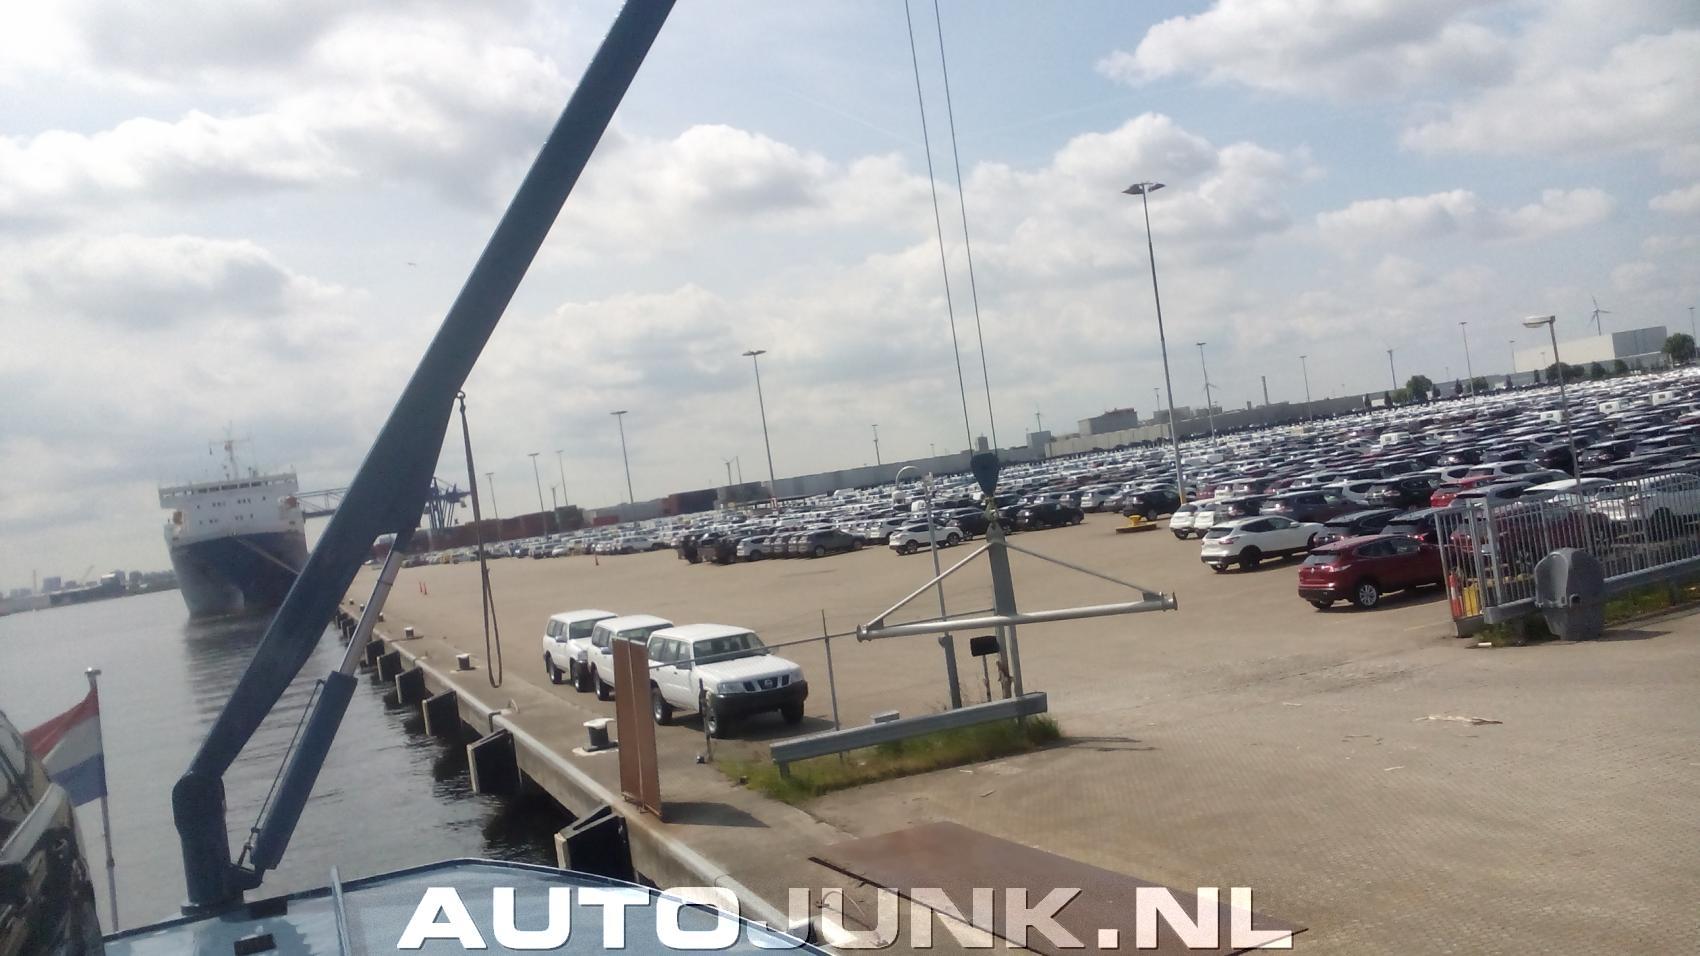 nissans zover als je kan zien foto's » Autojunk.nl (173662)